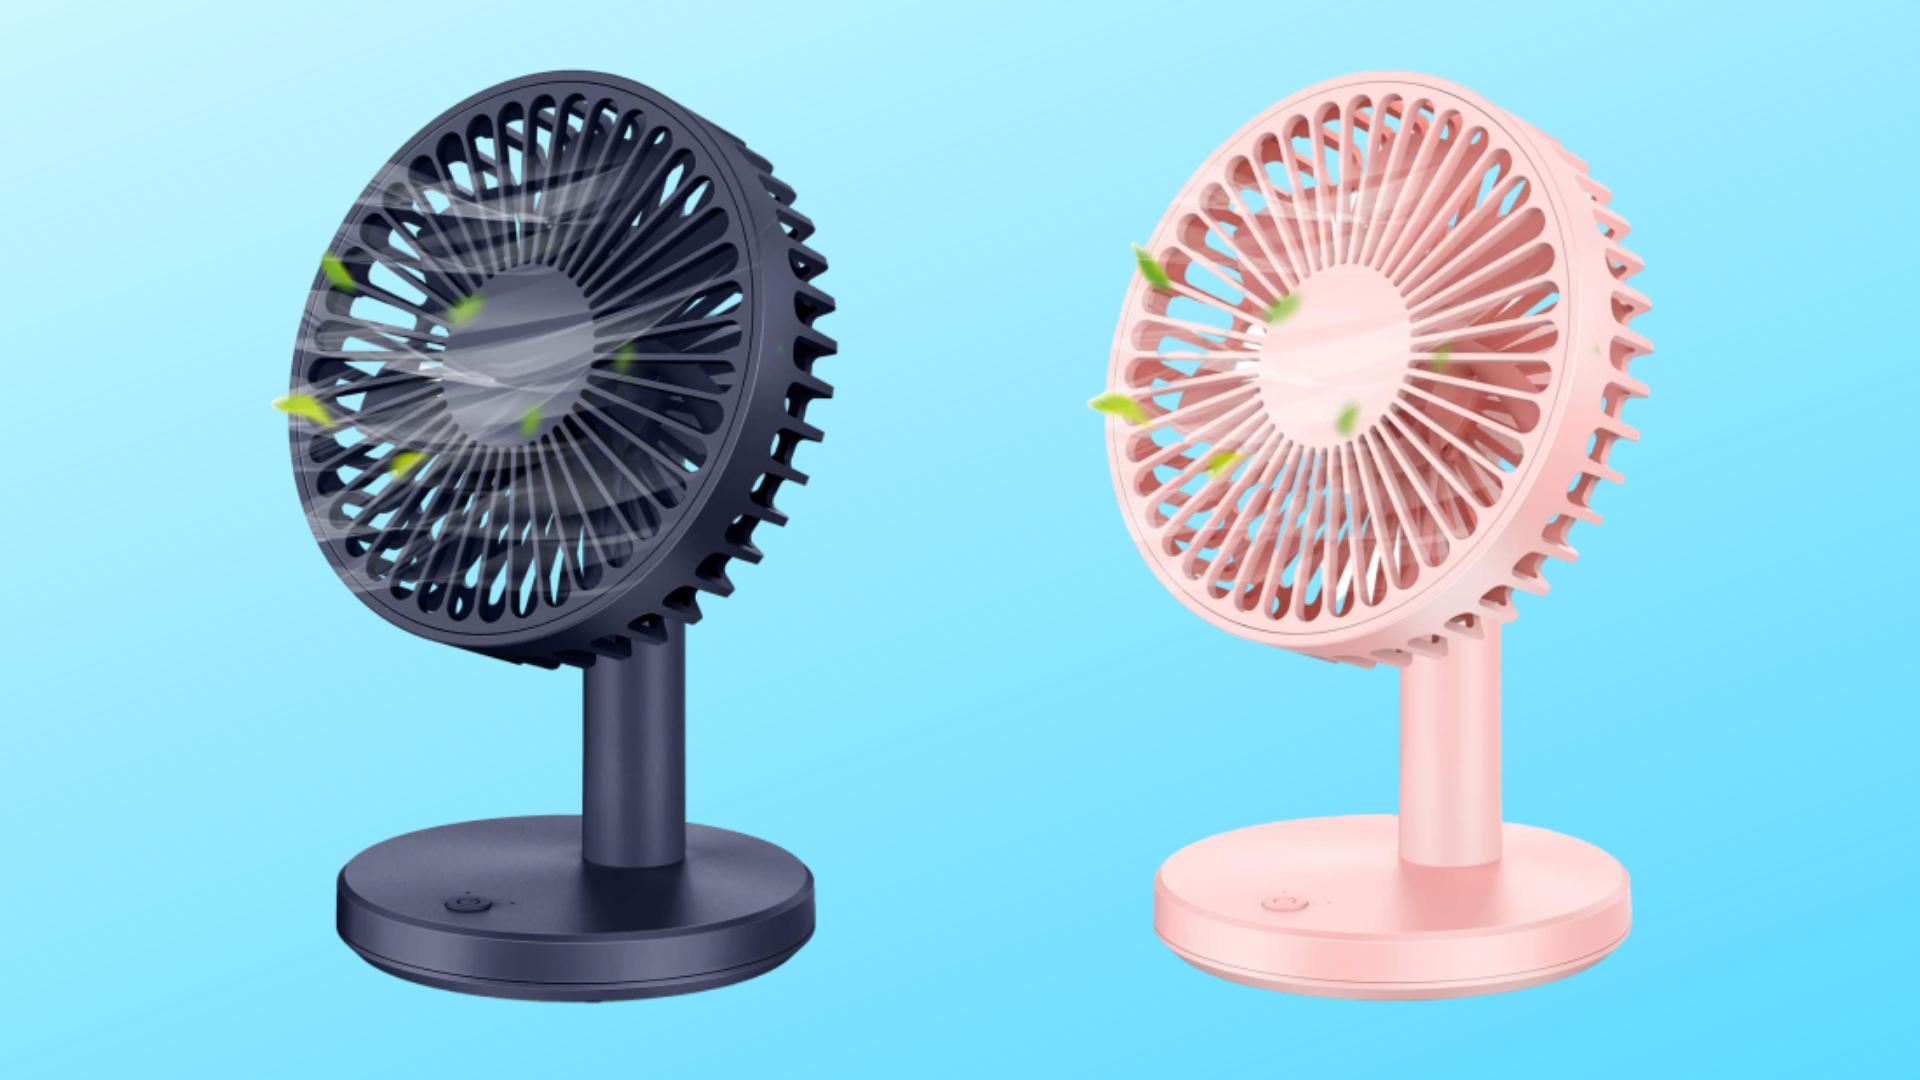 Ventilatori USB in offerta: scegliete il vostro compagno dell'estate! - image  on https://www.zxbyte.com